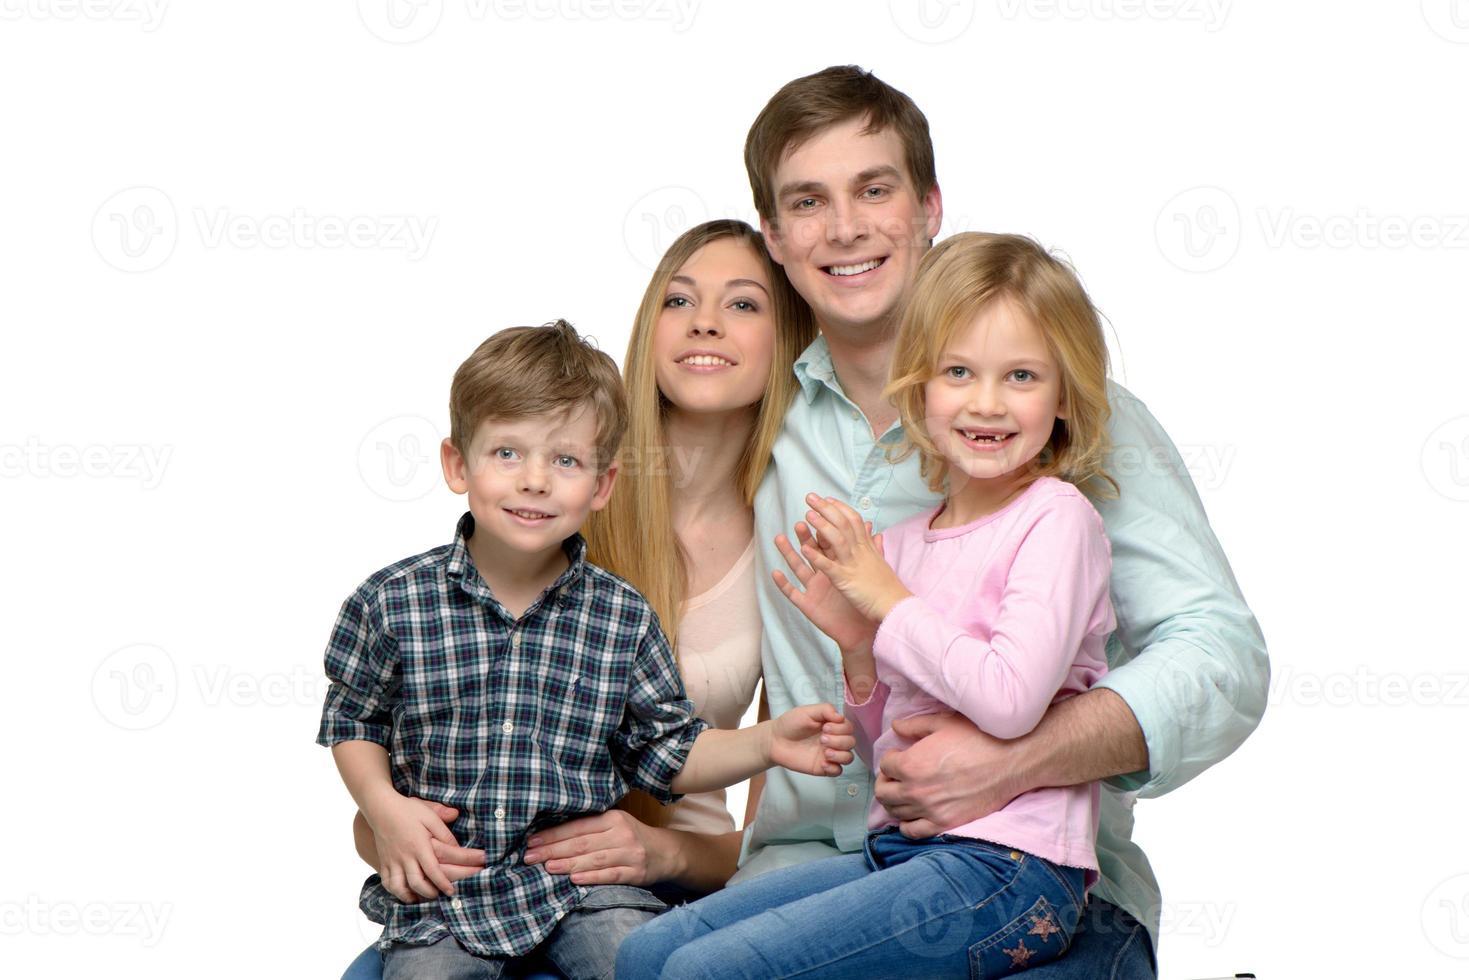 leende ung familj på fyra poserar foto